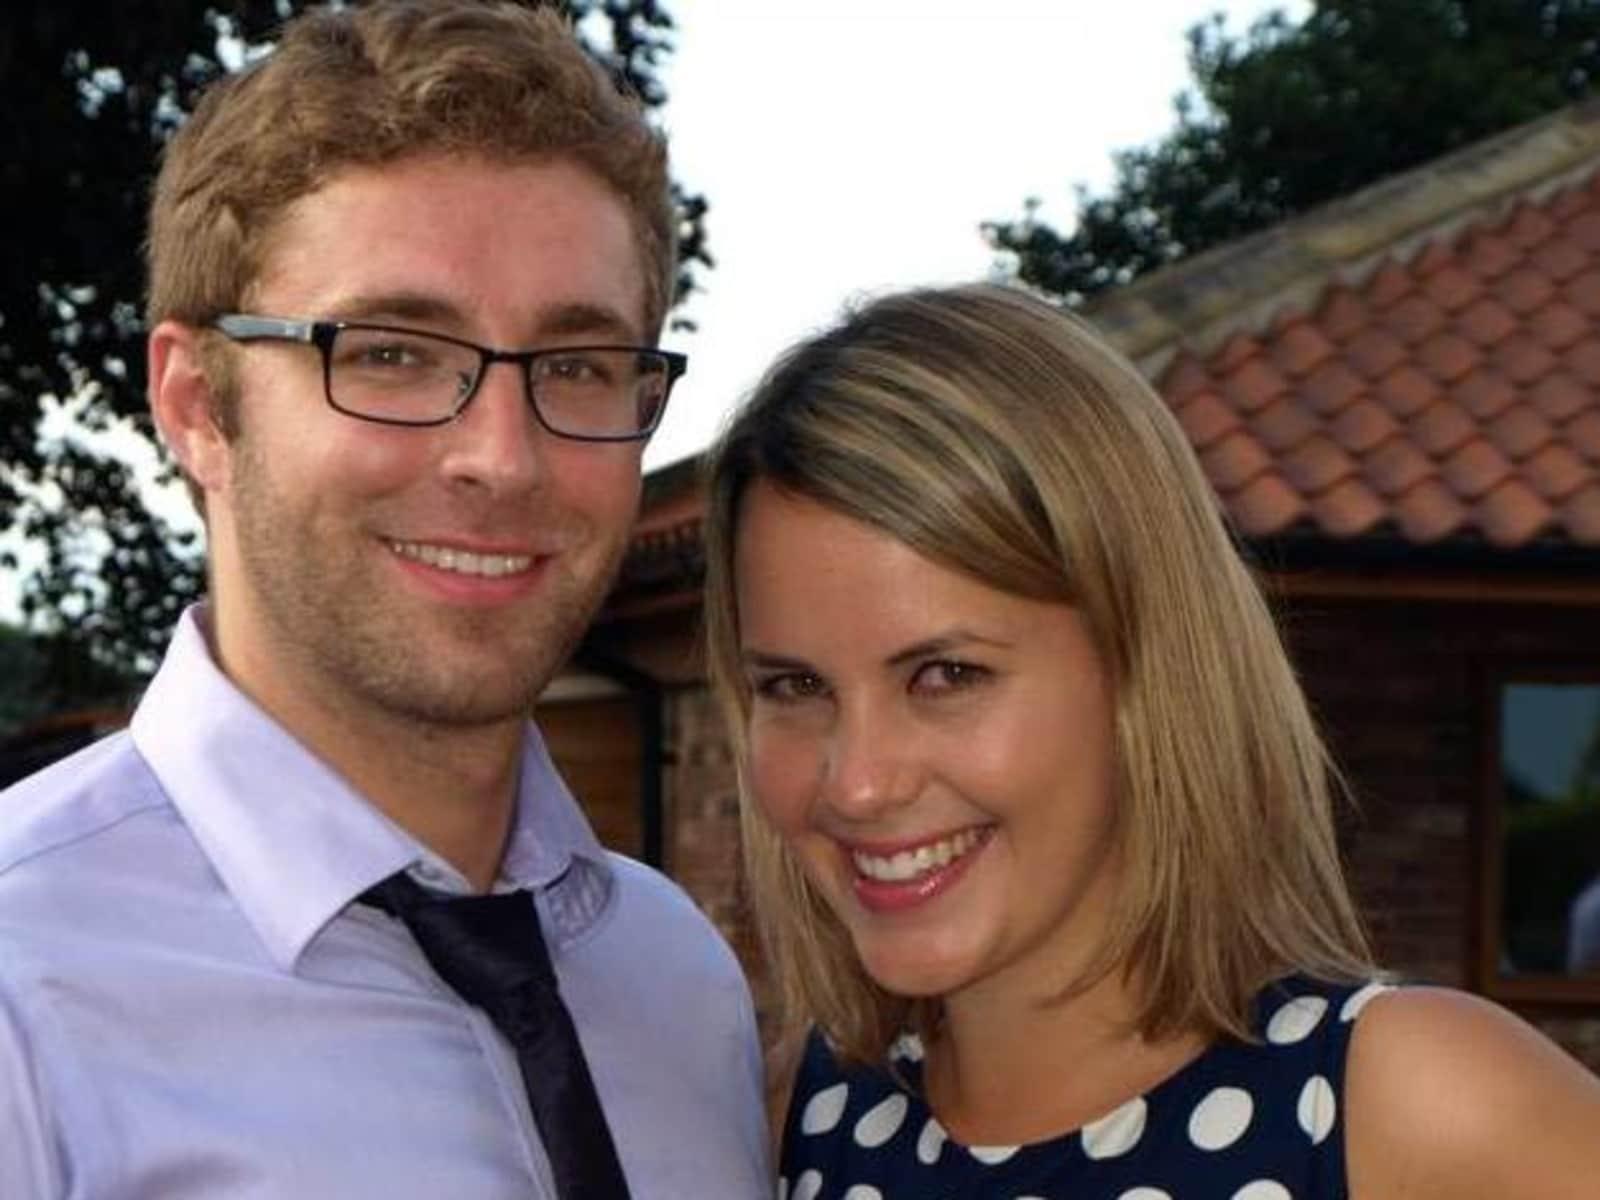 Carolyn & Ross from London, United Kingdom